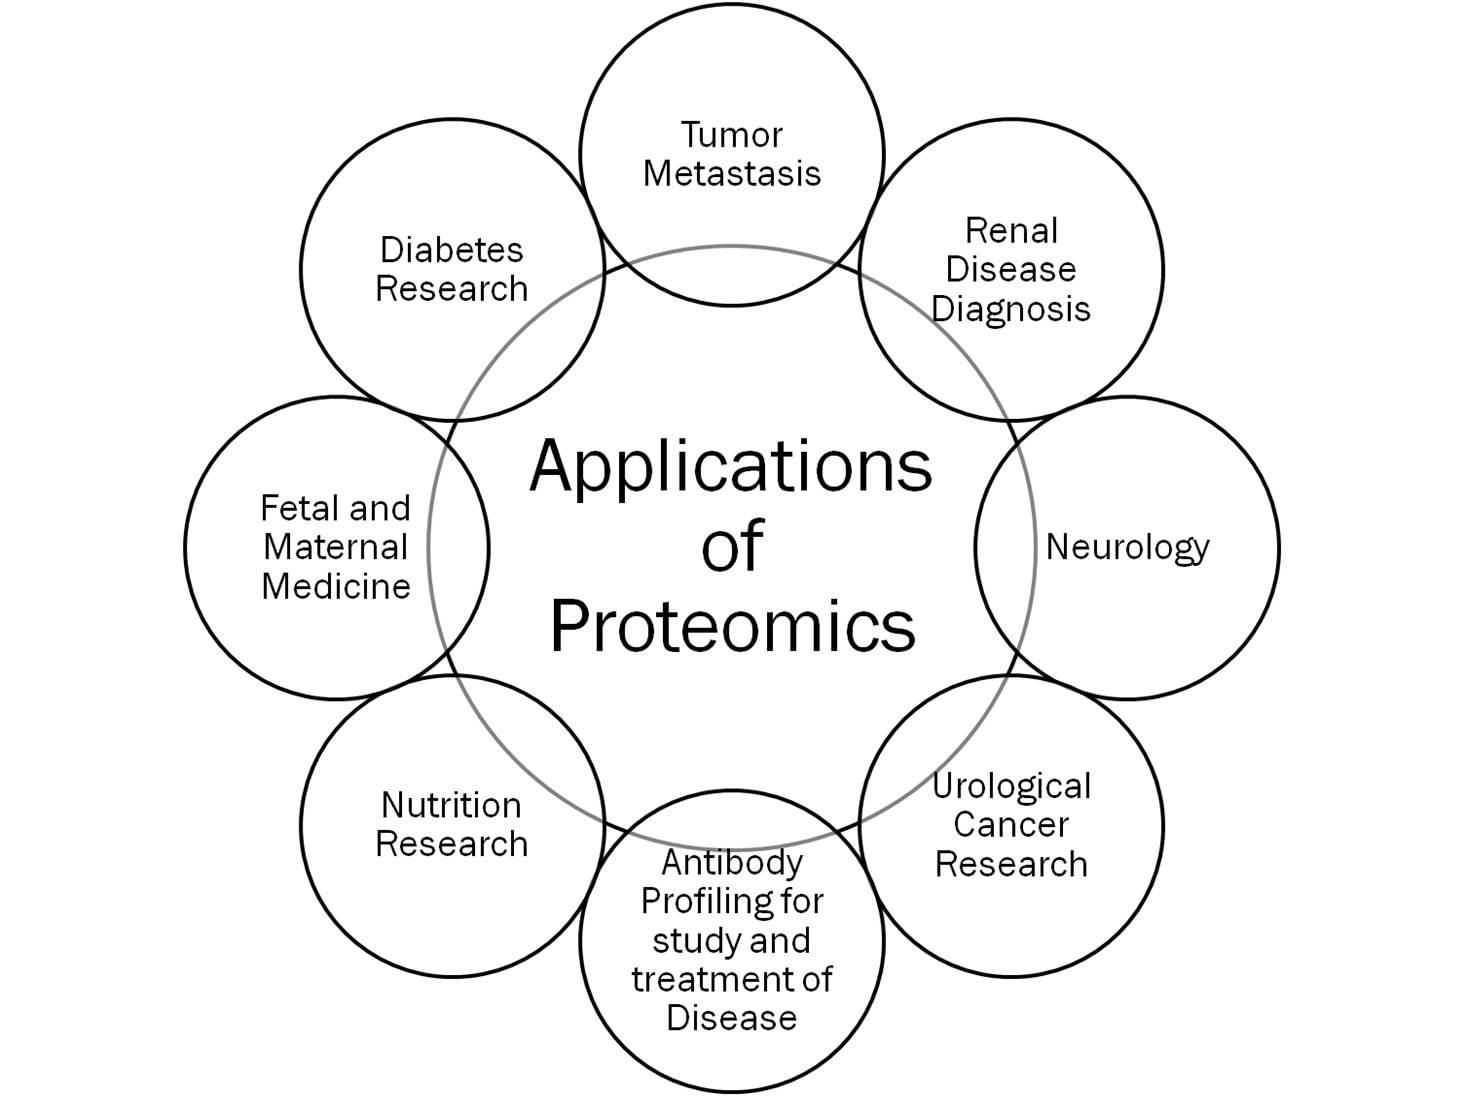 sgugenetics / Applications of Proteomics flow chart